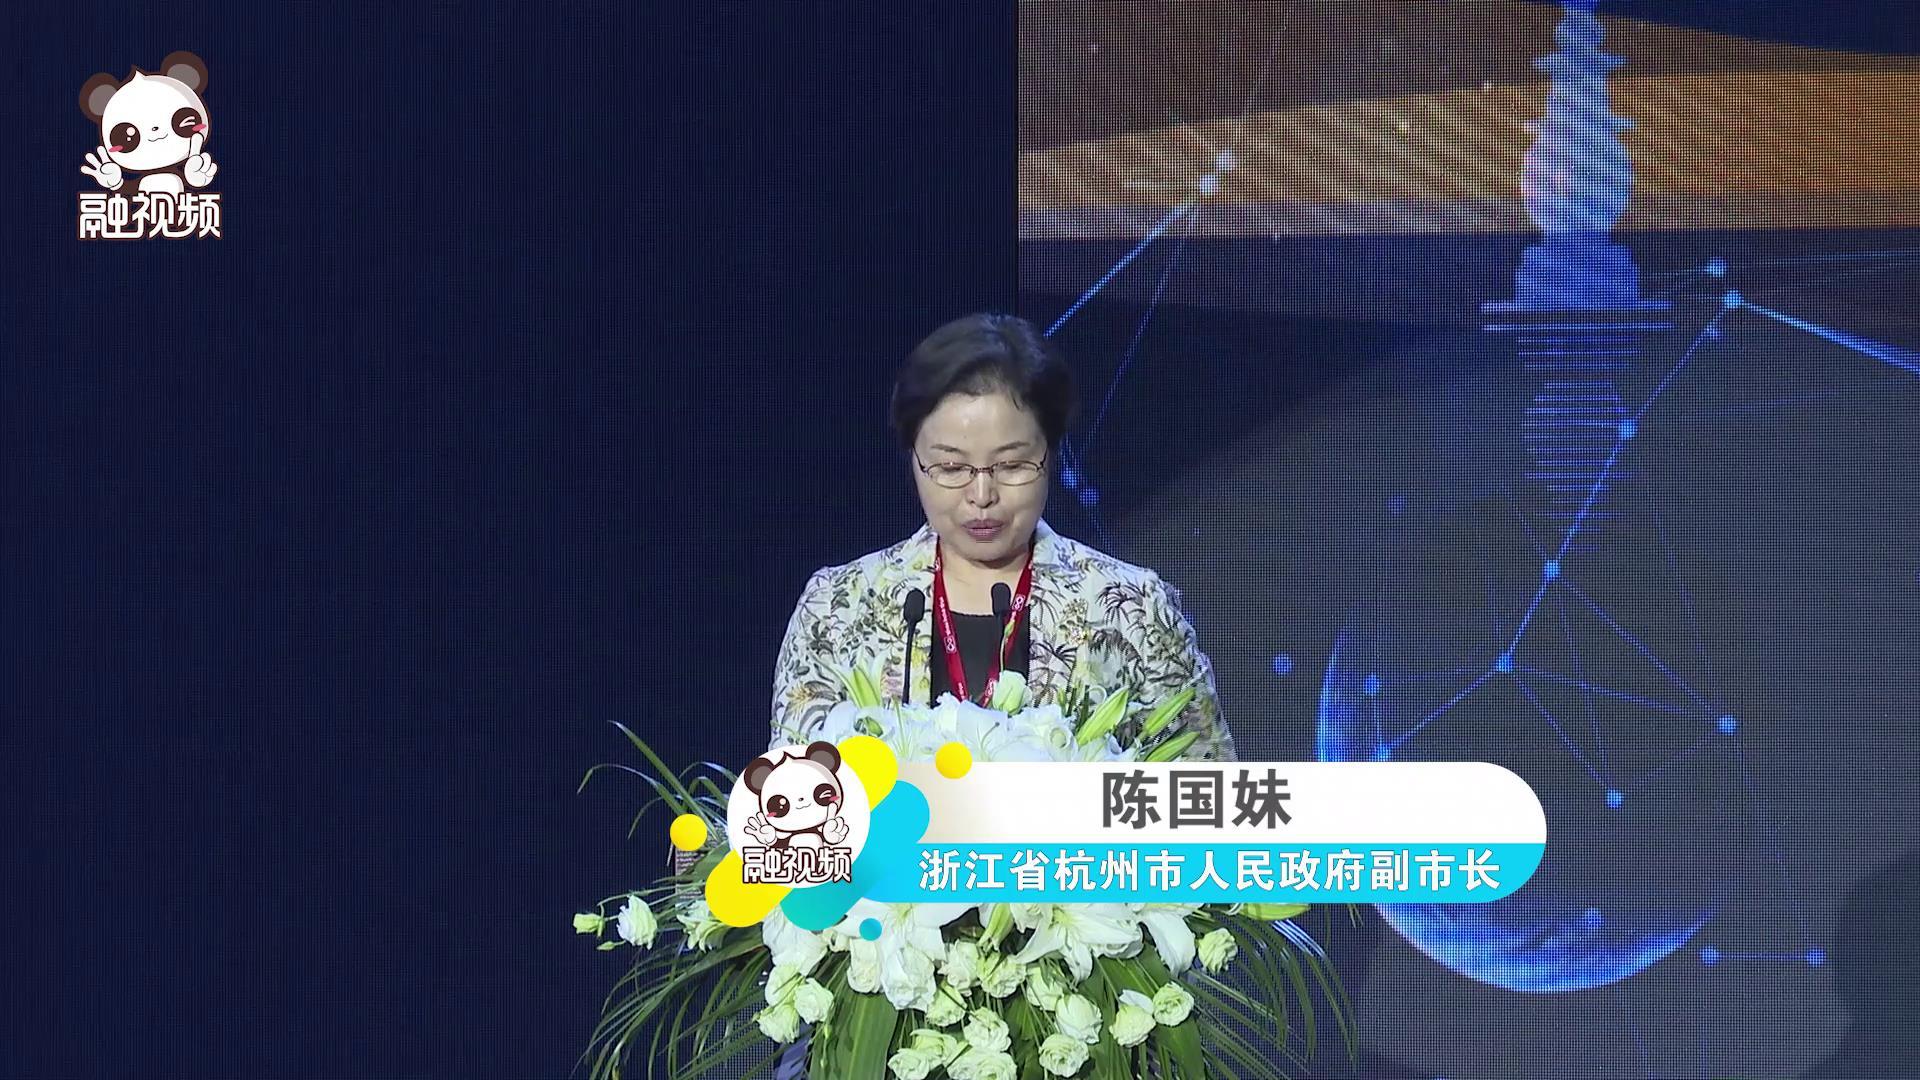 陈国妹副市长在两岸电商协作高峰论坛上的讲话图片